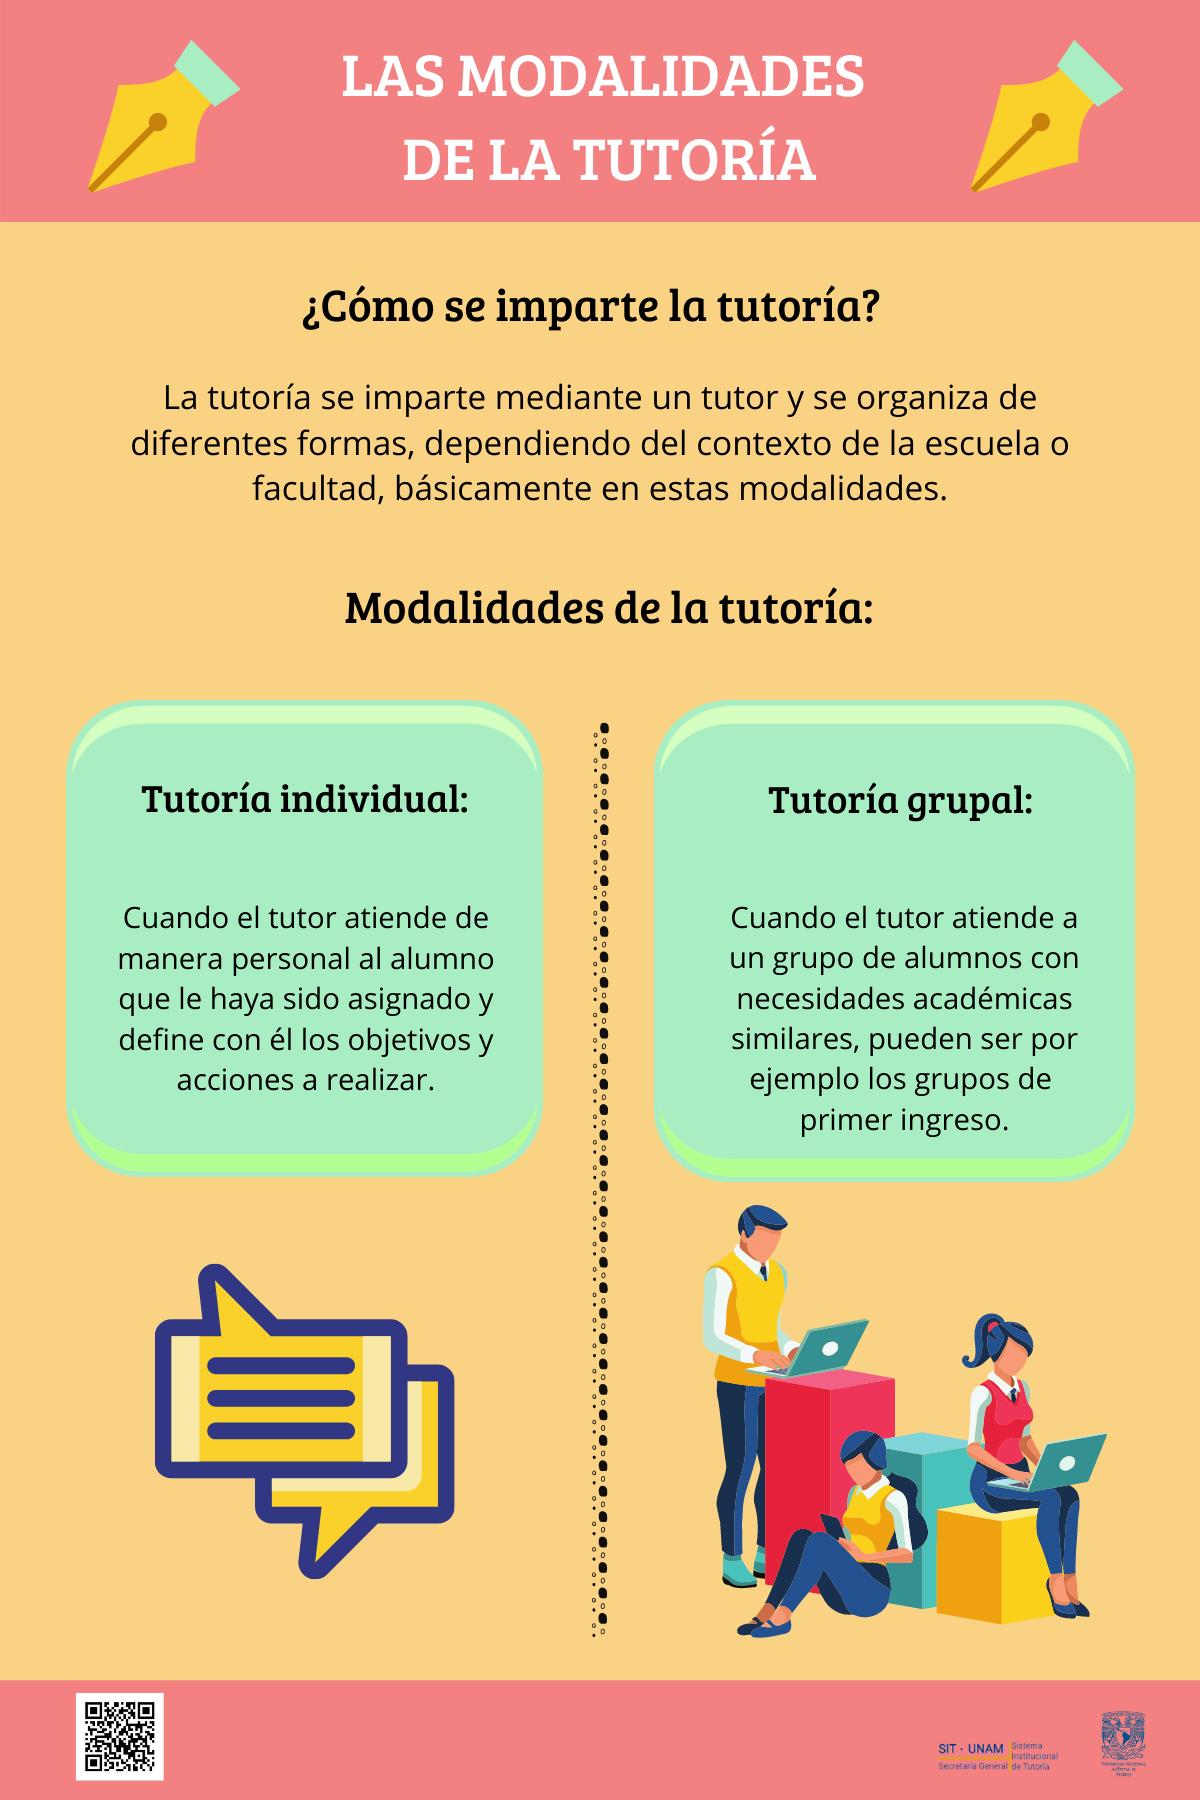 Las_modalidades_de_la_tutoría